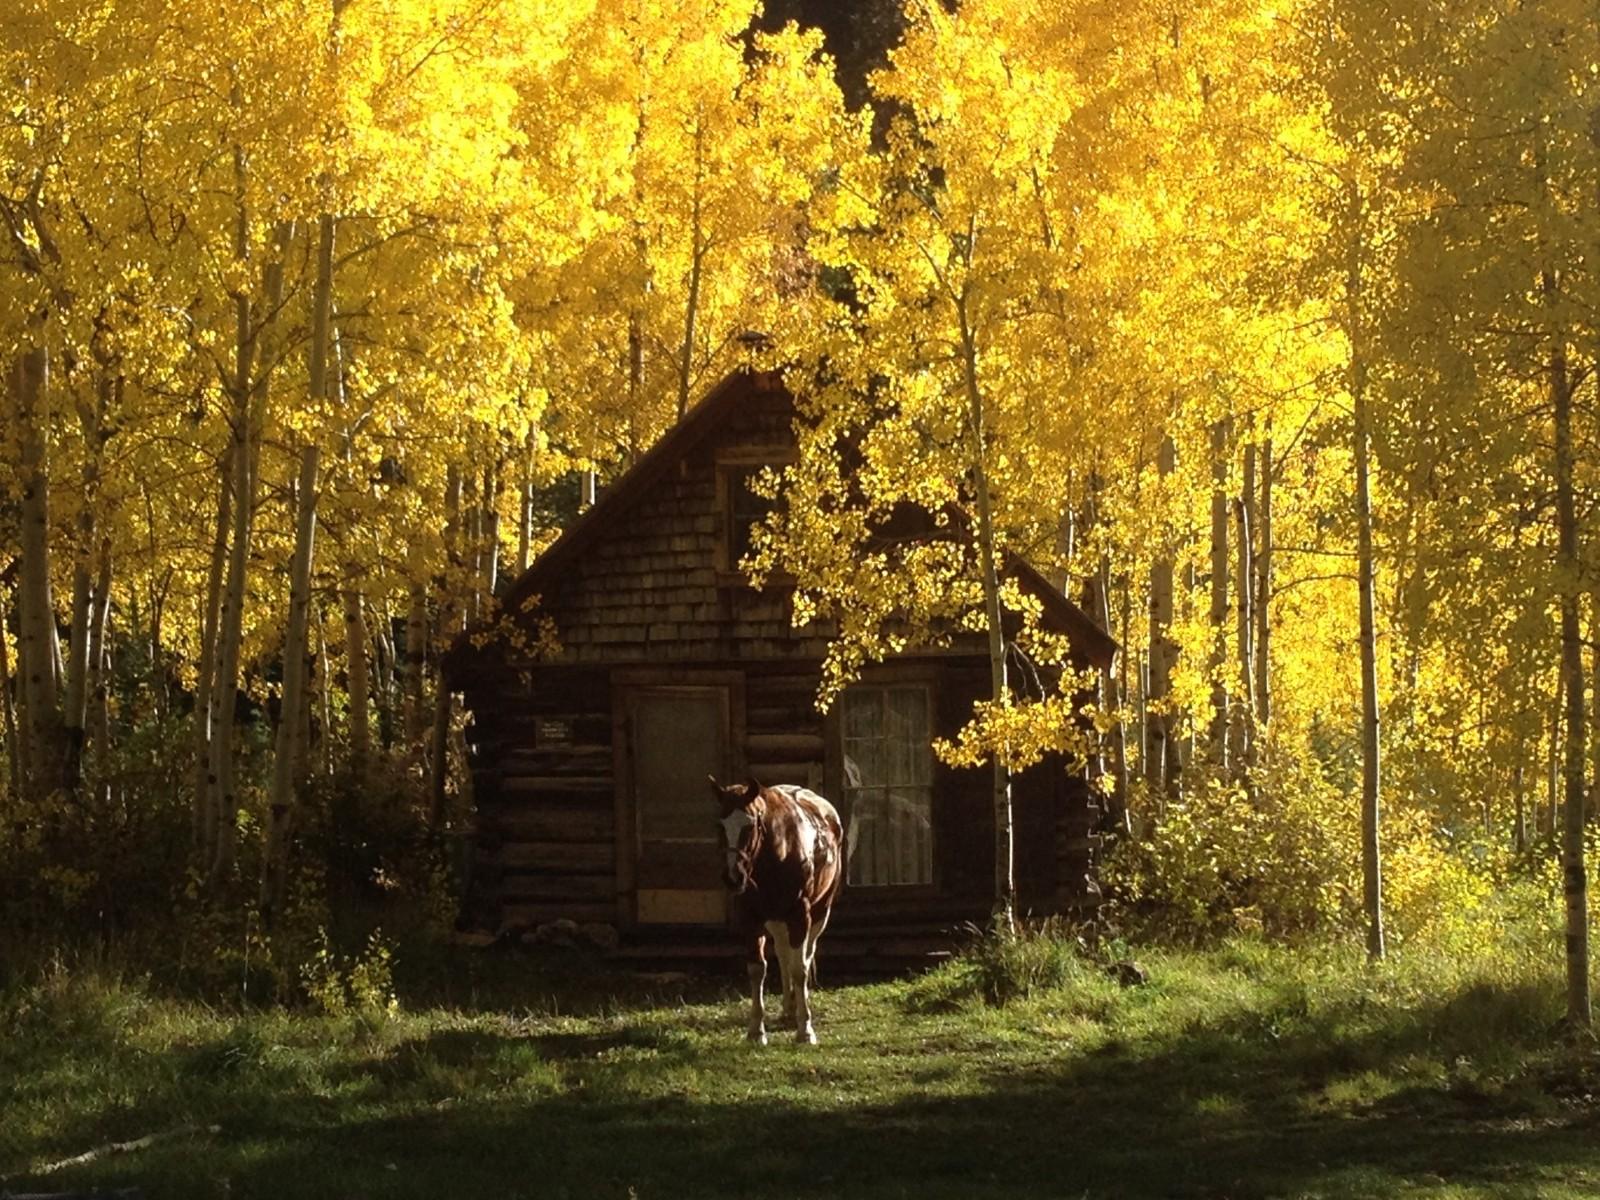 Horseback Riding, Colorado